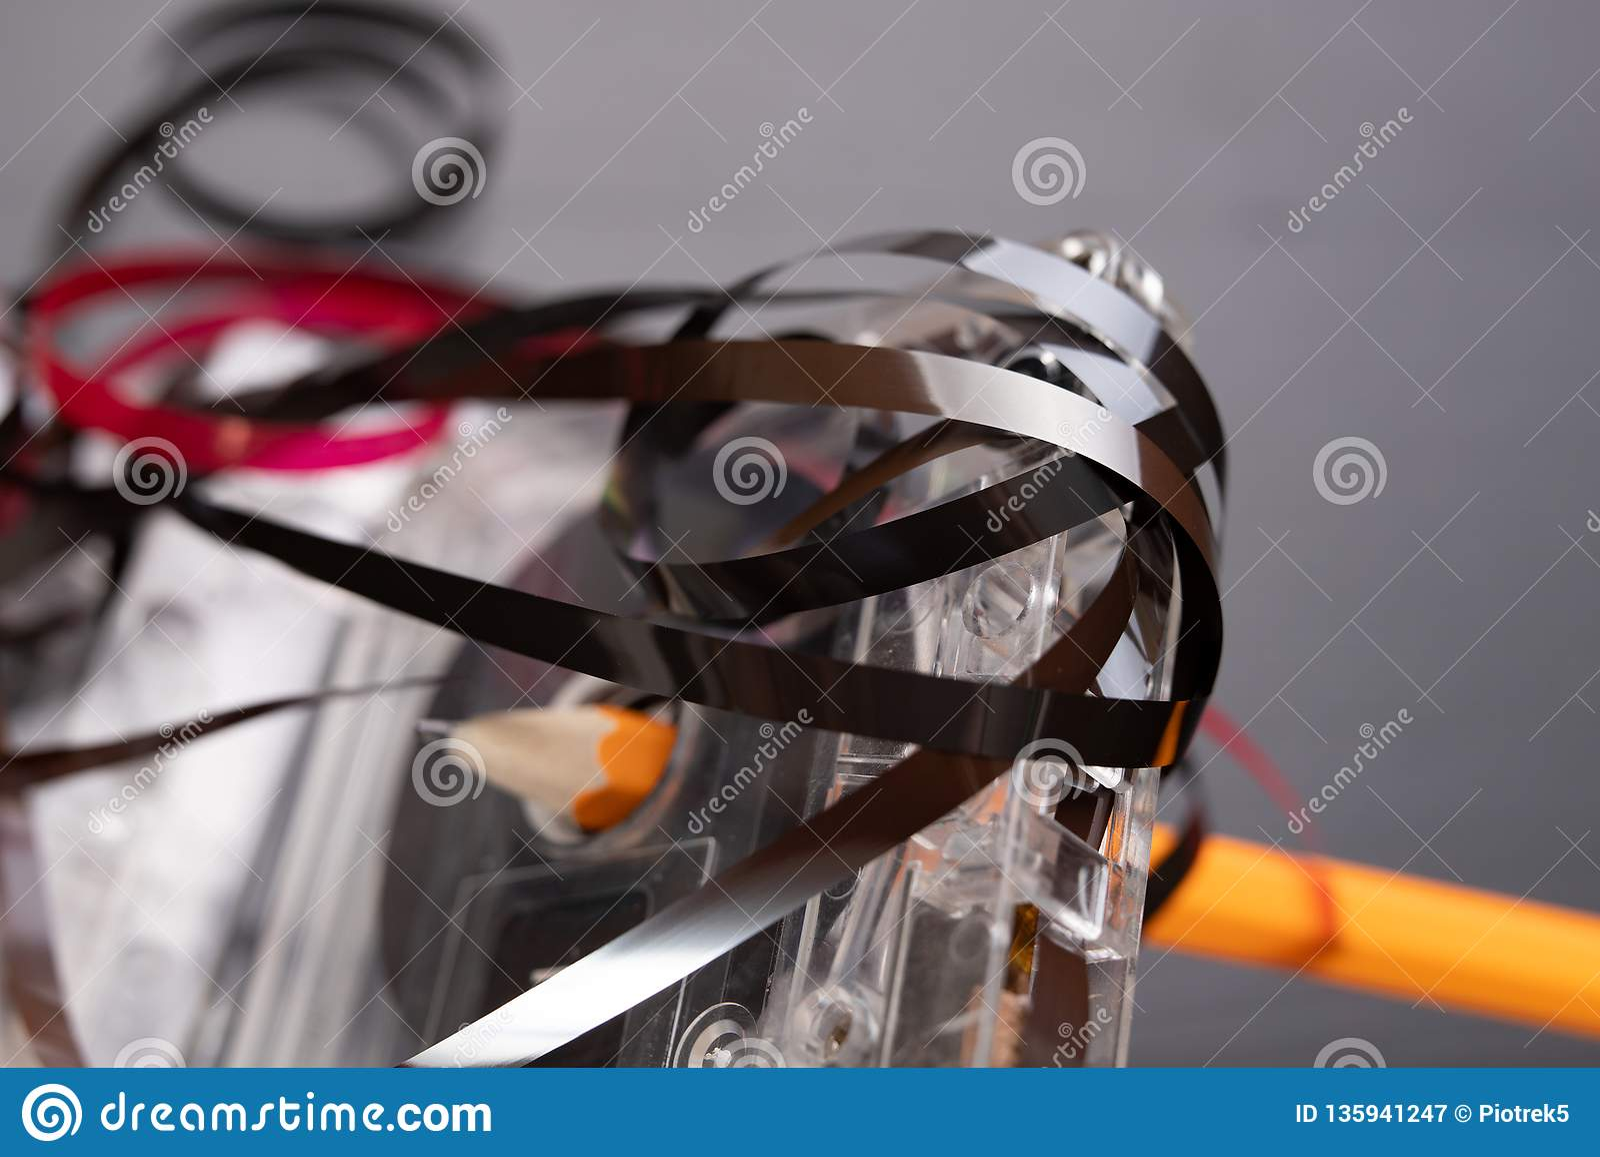 Ακουστικά κασέτα και μολύβι σε έναν μαύρο πίνακα Παλαιός μαγνητικός μεταφορέας στοιχείων